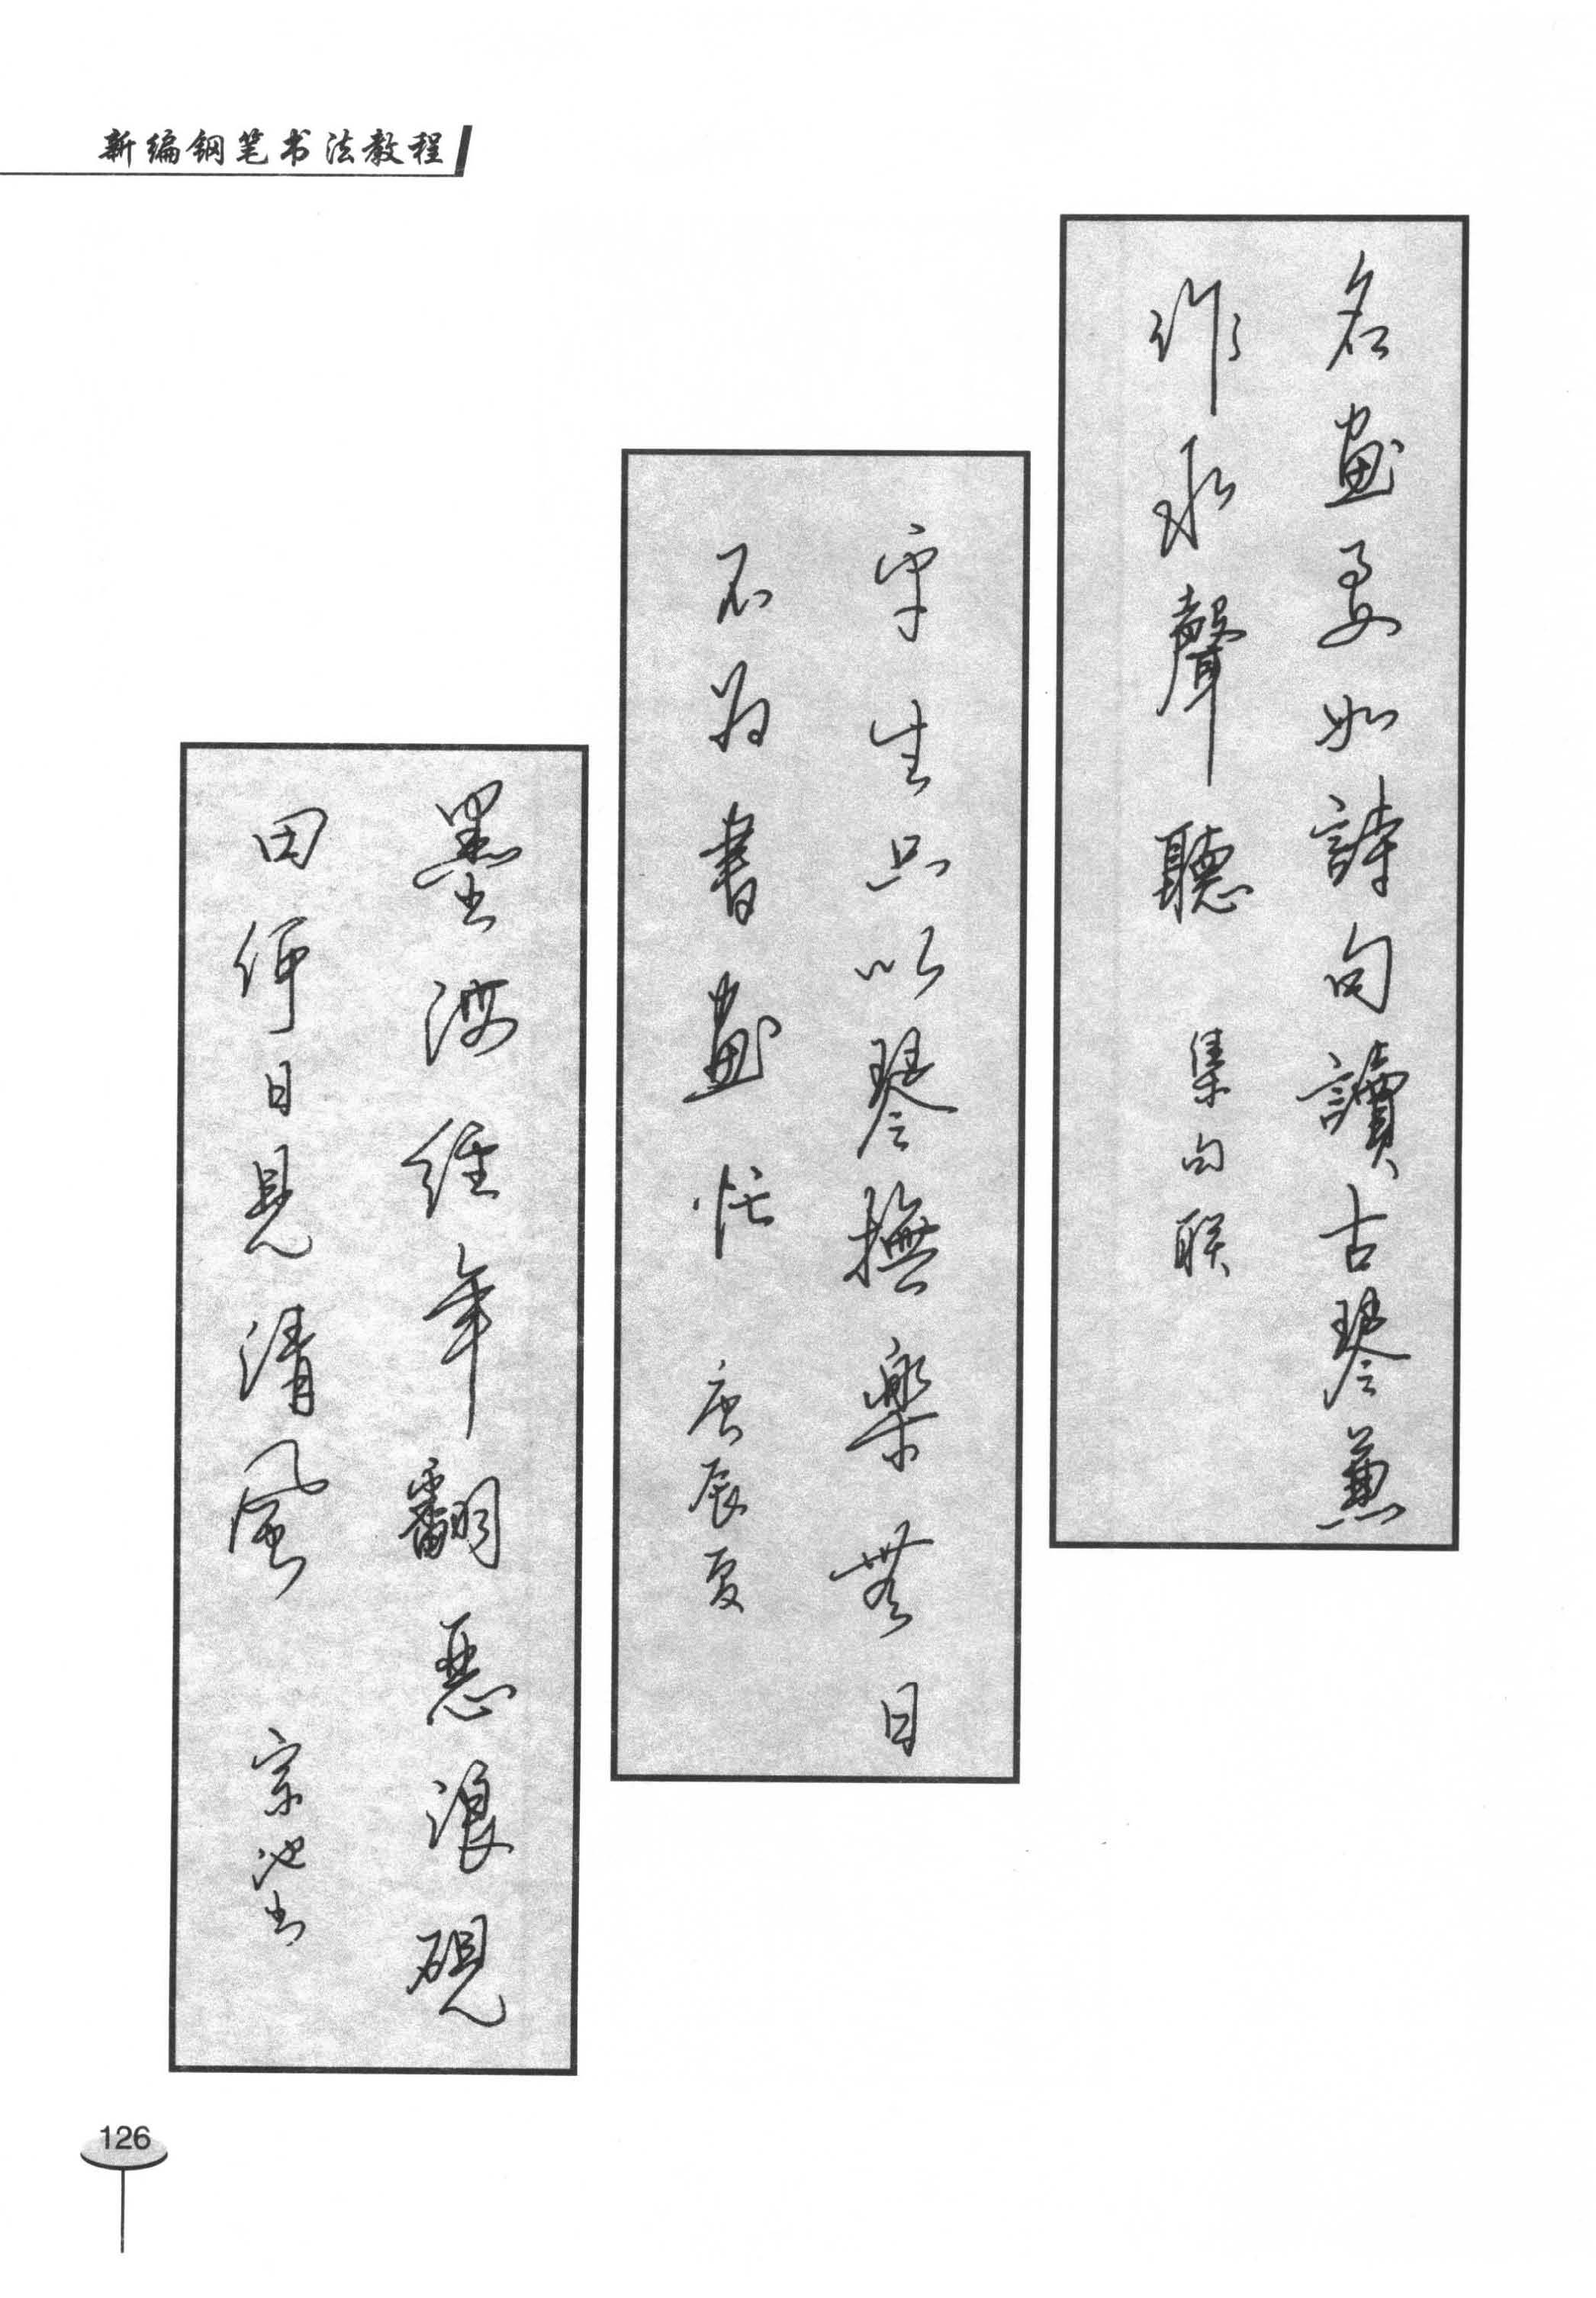 钢笔书法作品章法及格式